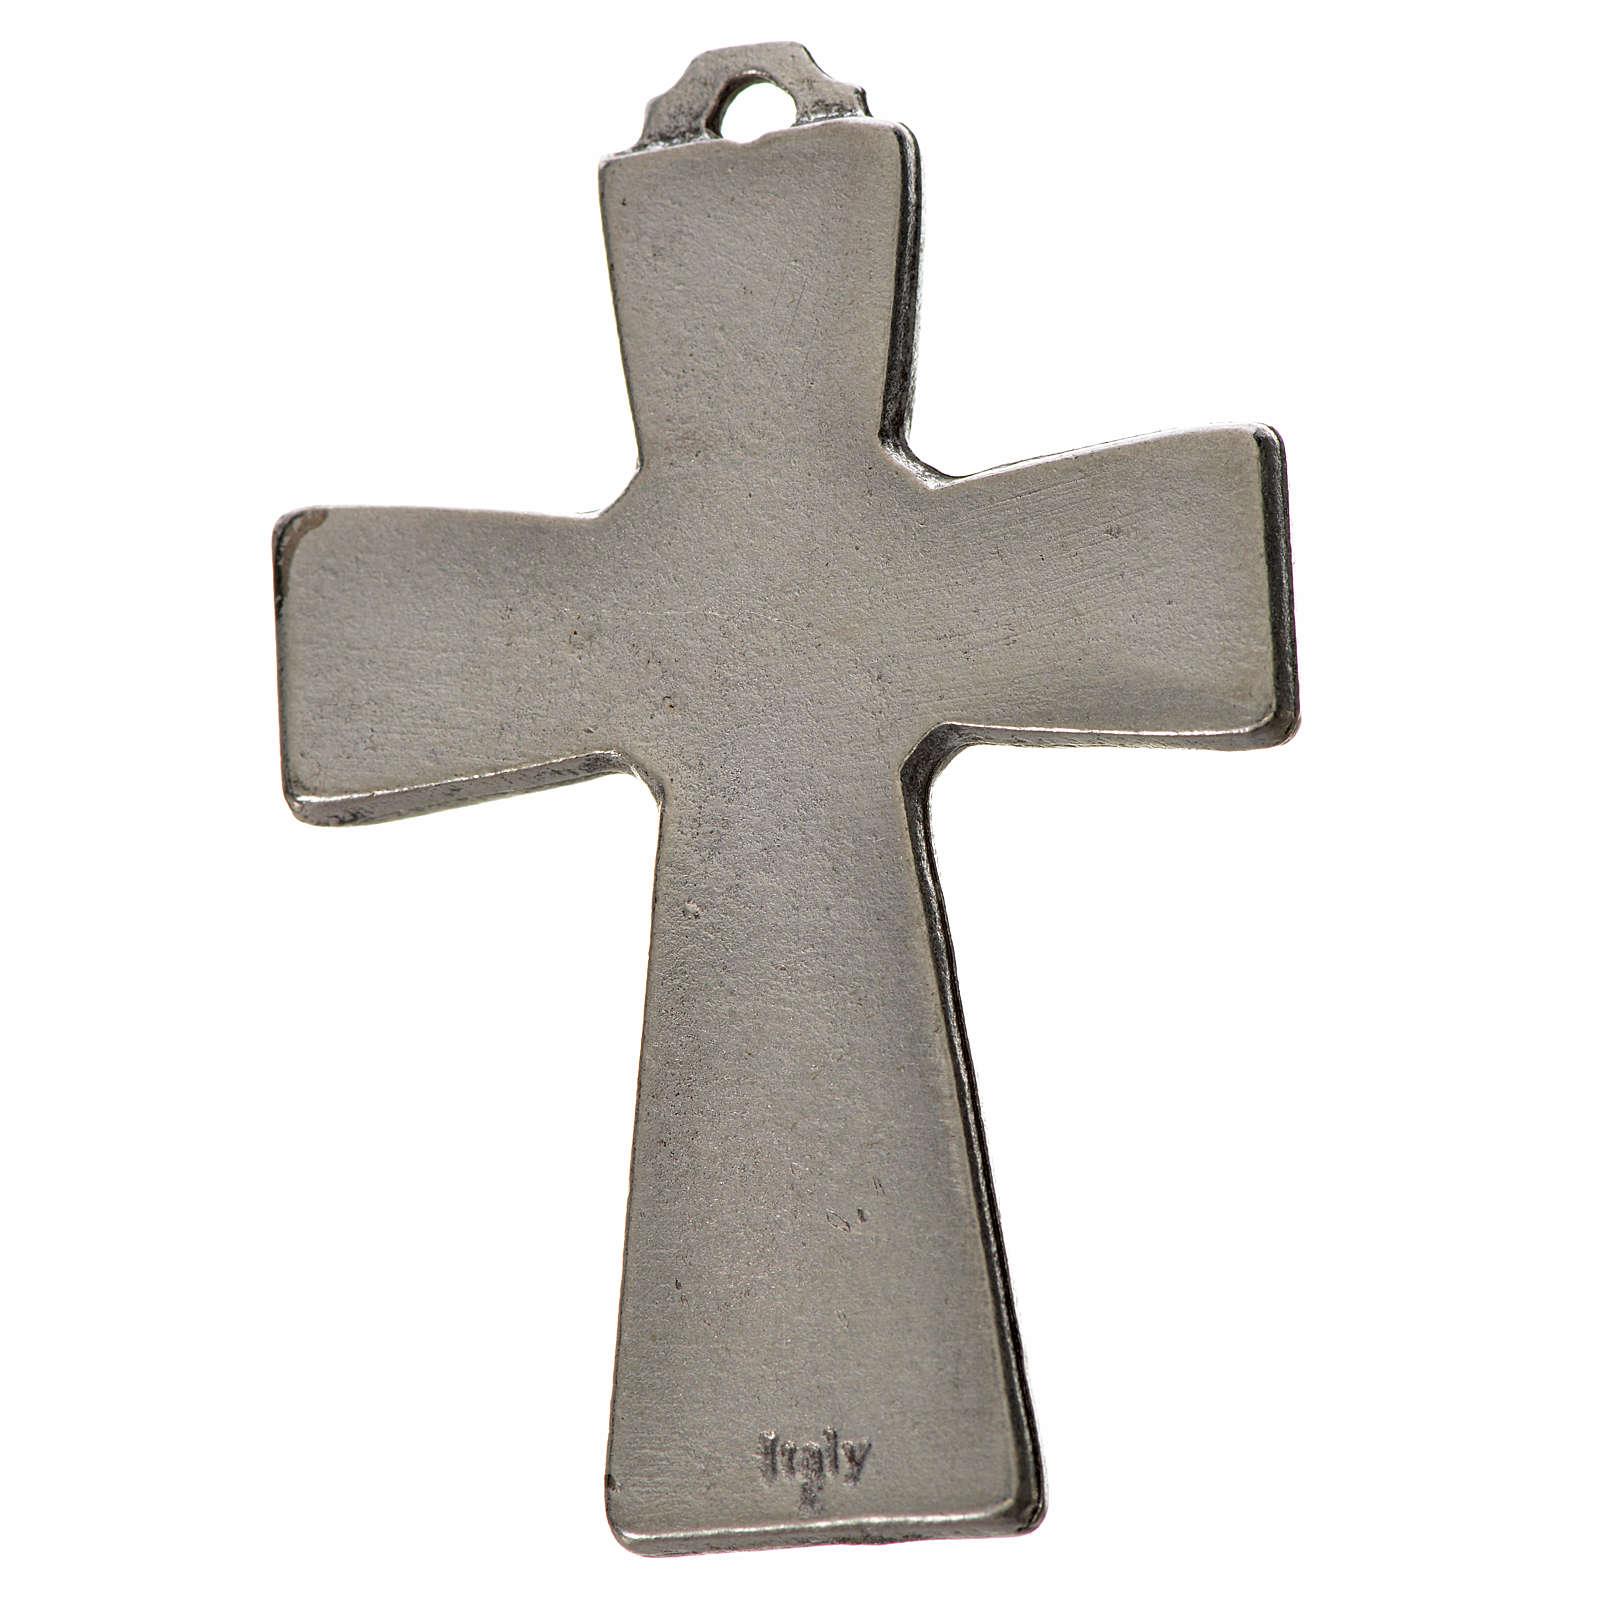 Holy Spirit cross 5x3.5cm in zamak, blue enamel 4